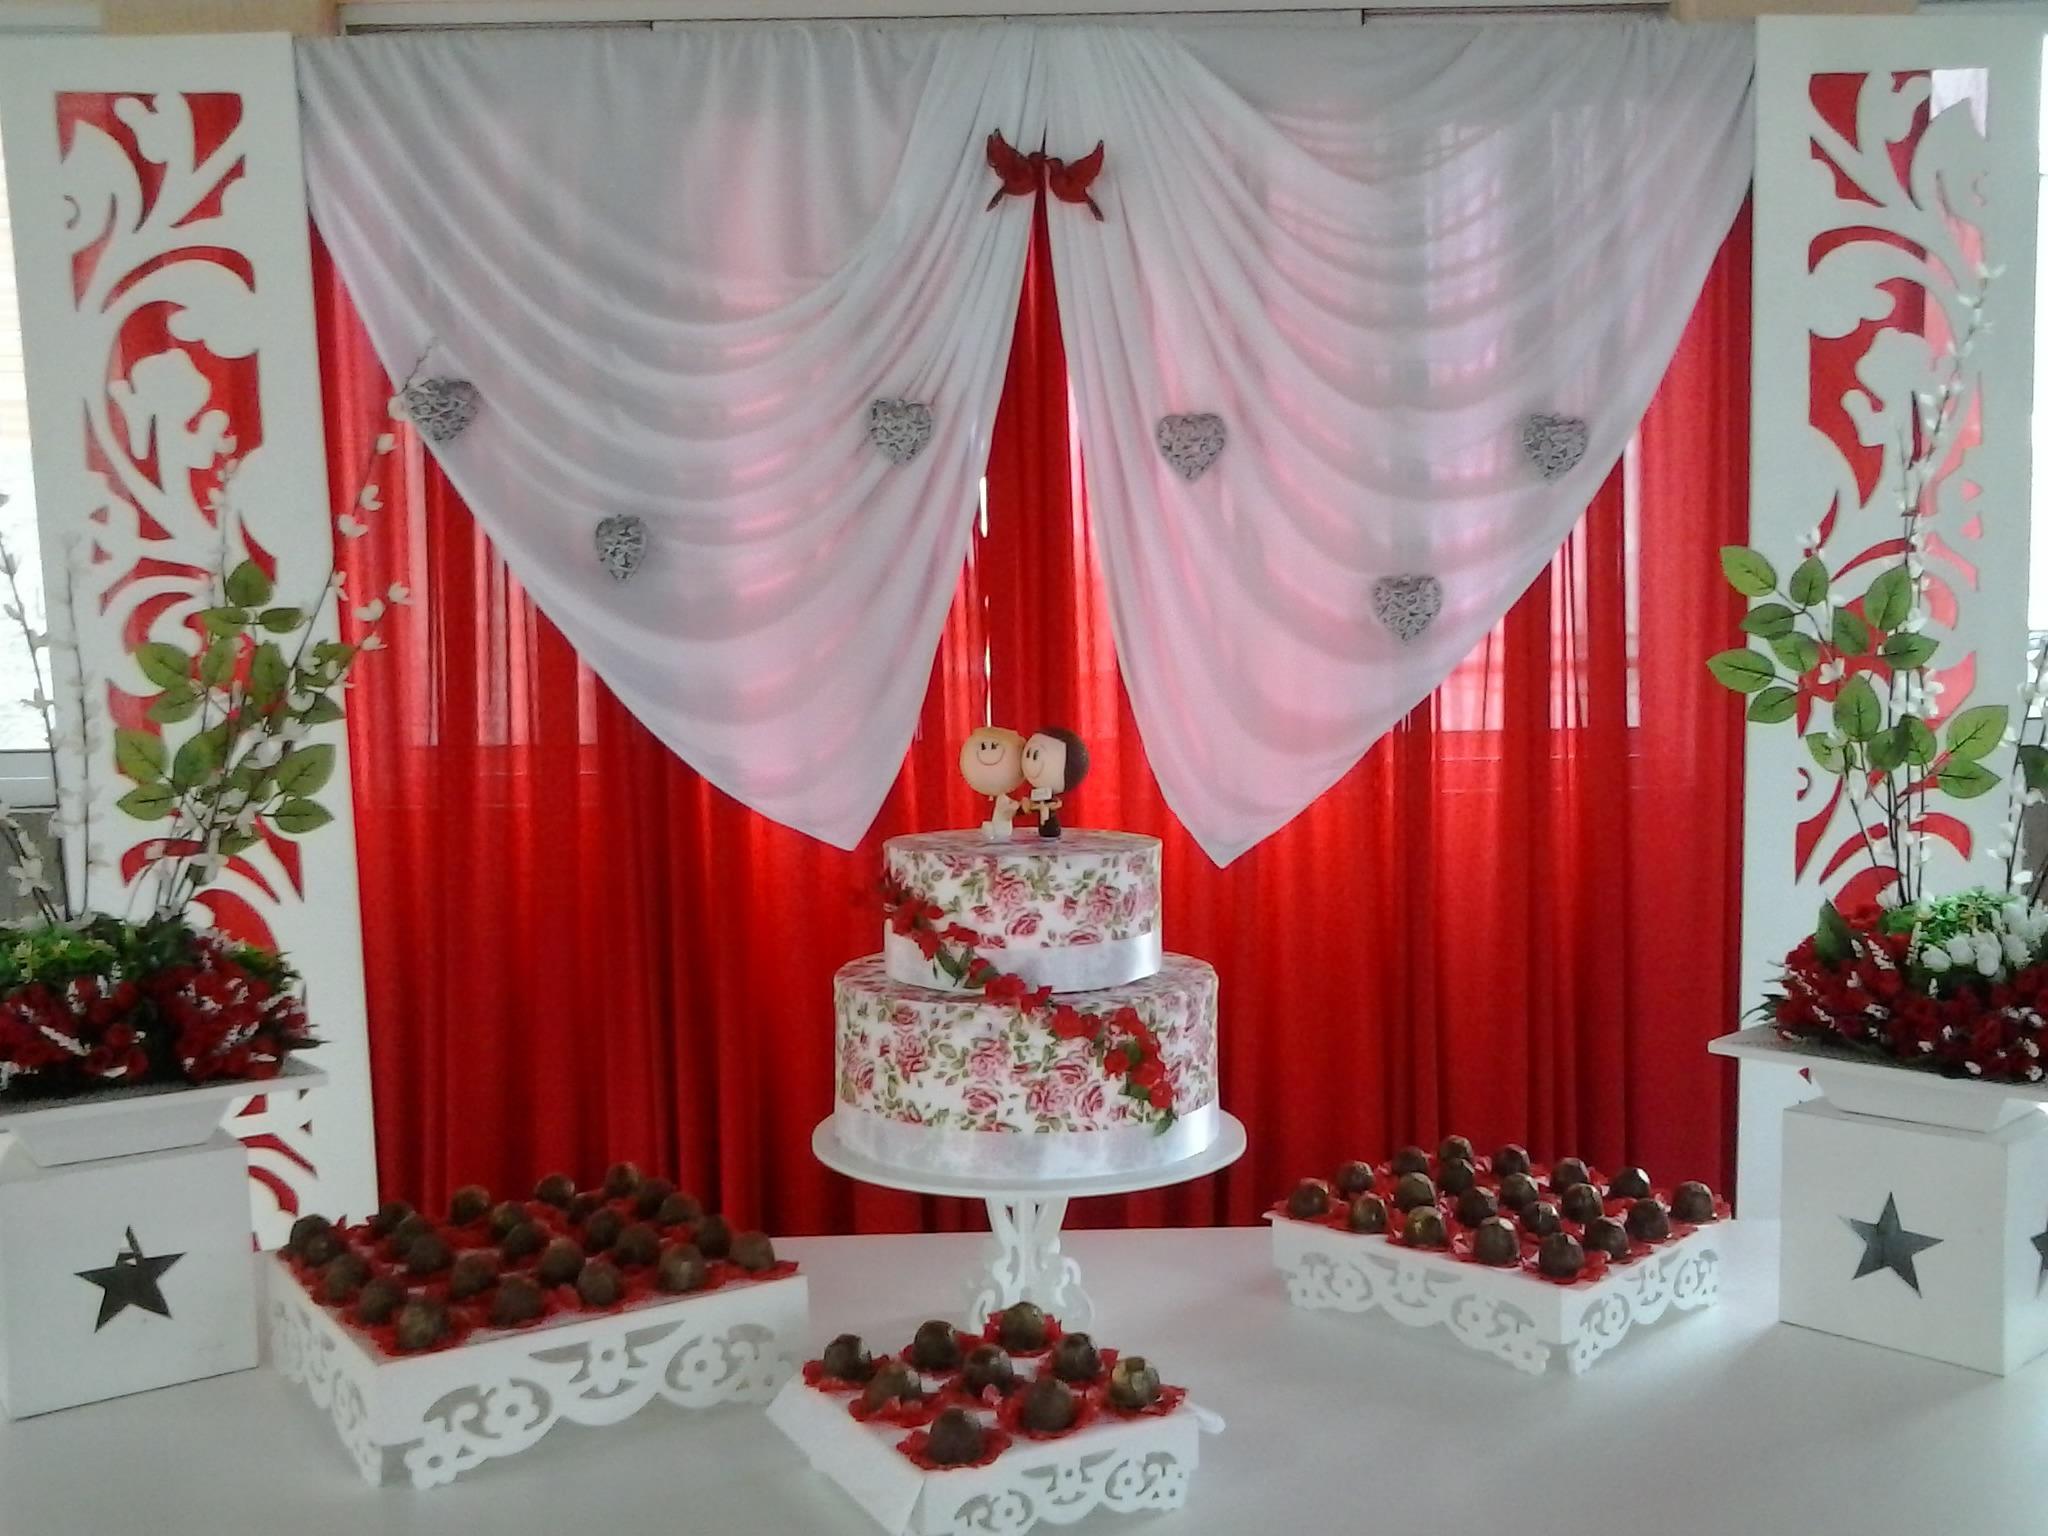 Casamento Provençal Vermelho e Branco Meira Eventos Atelier Analice Meira Elo7 -> Decoração De Casamento Simples Com Tnt Vermelho E Branco